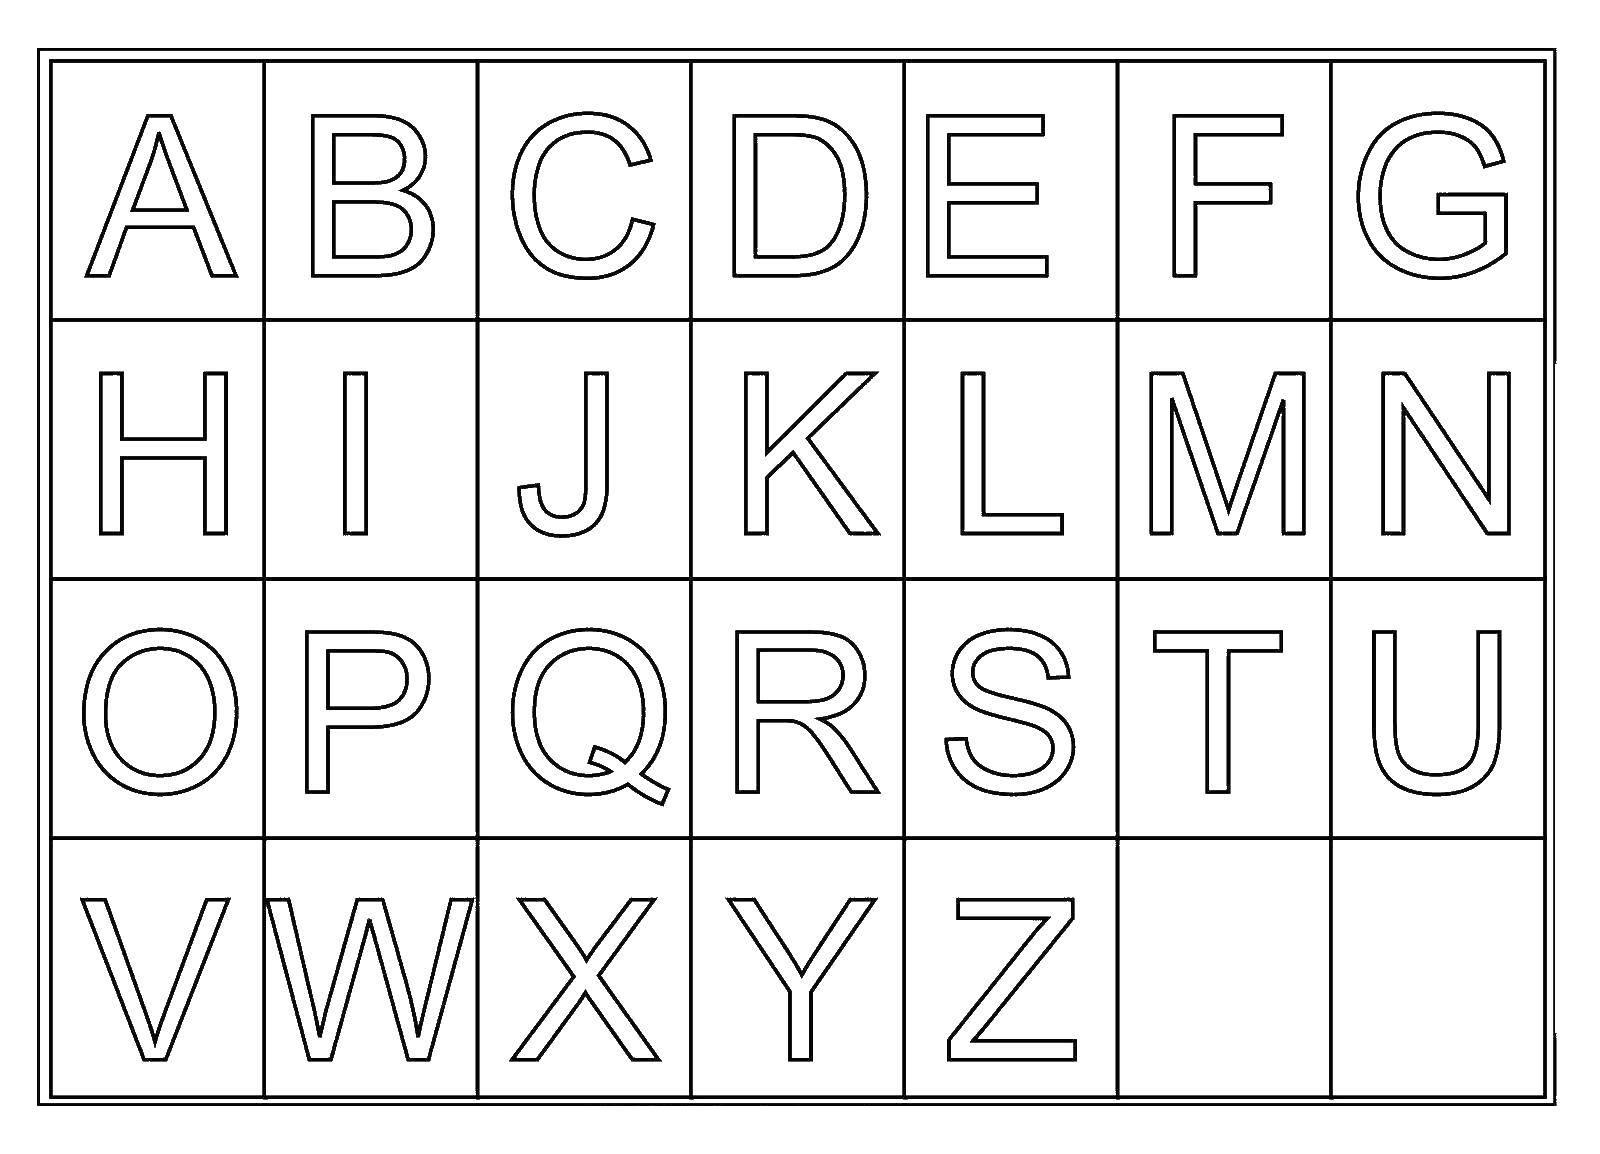 Раскраска Английский алфавит квадратиками Скачать Английский алфавит, квадраты.  Распечатать ,Английский алфавит,